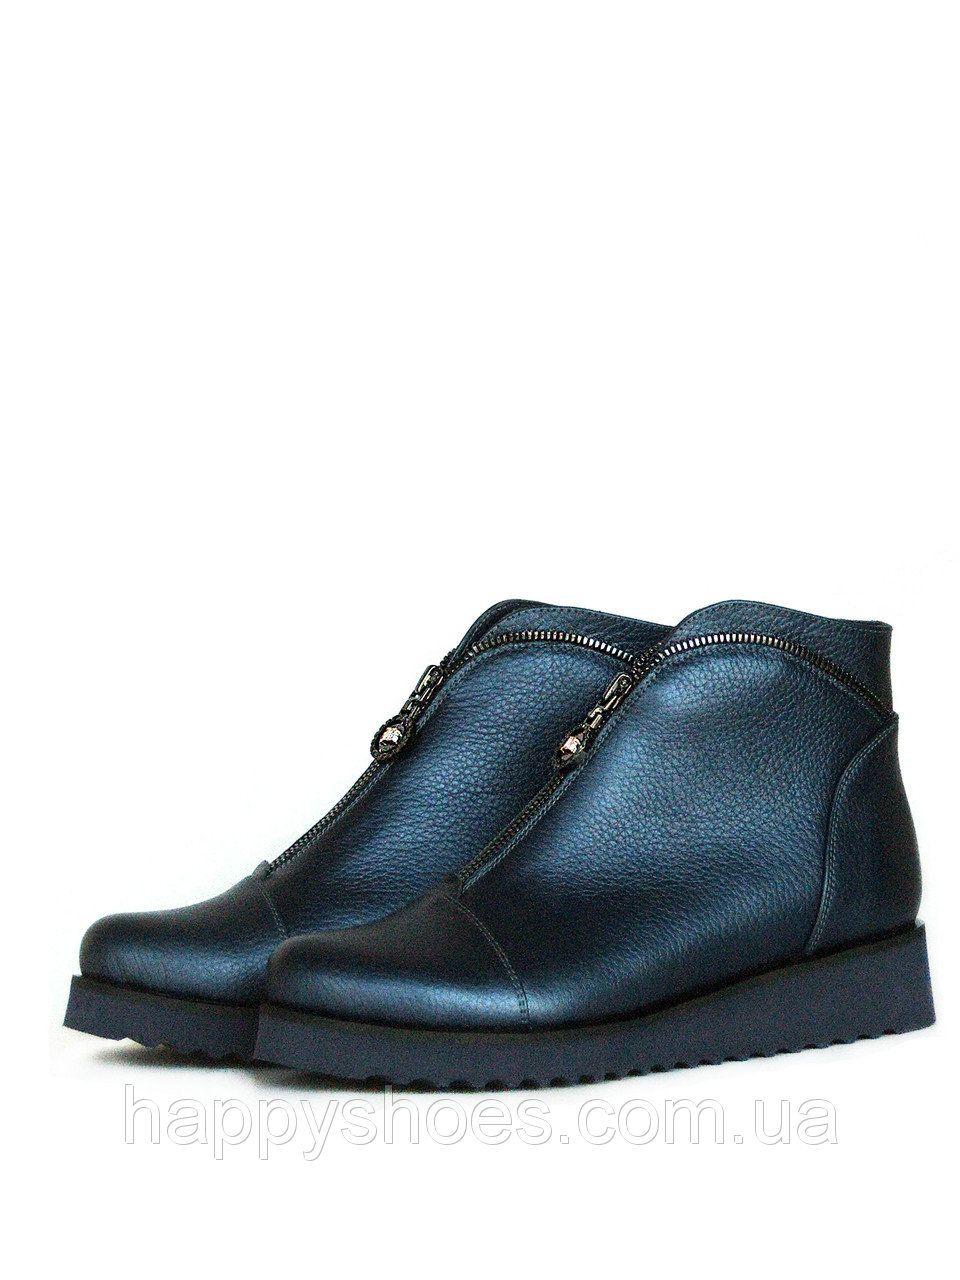 Купить Ботинки на платформе женские в Запорожье от компании